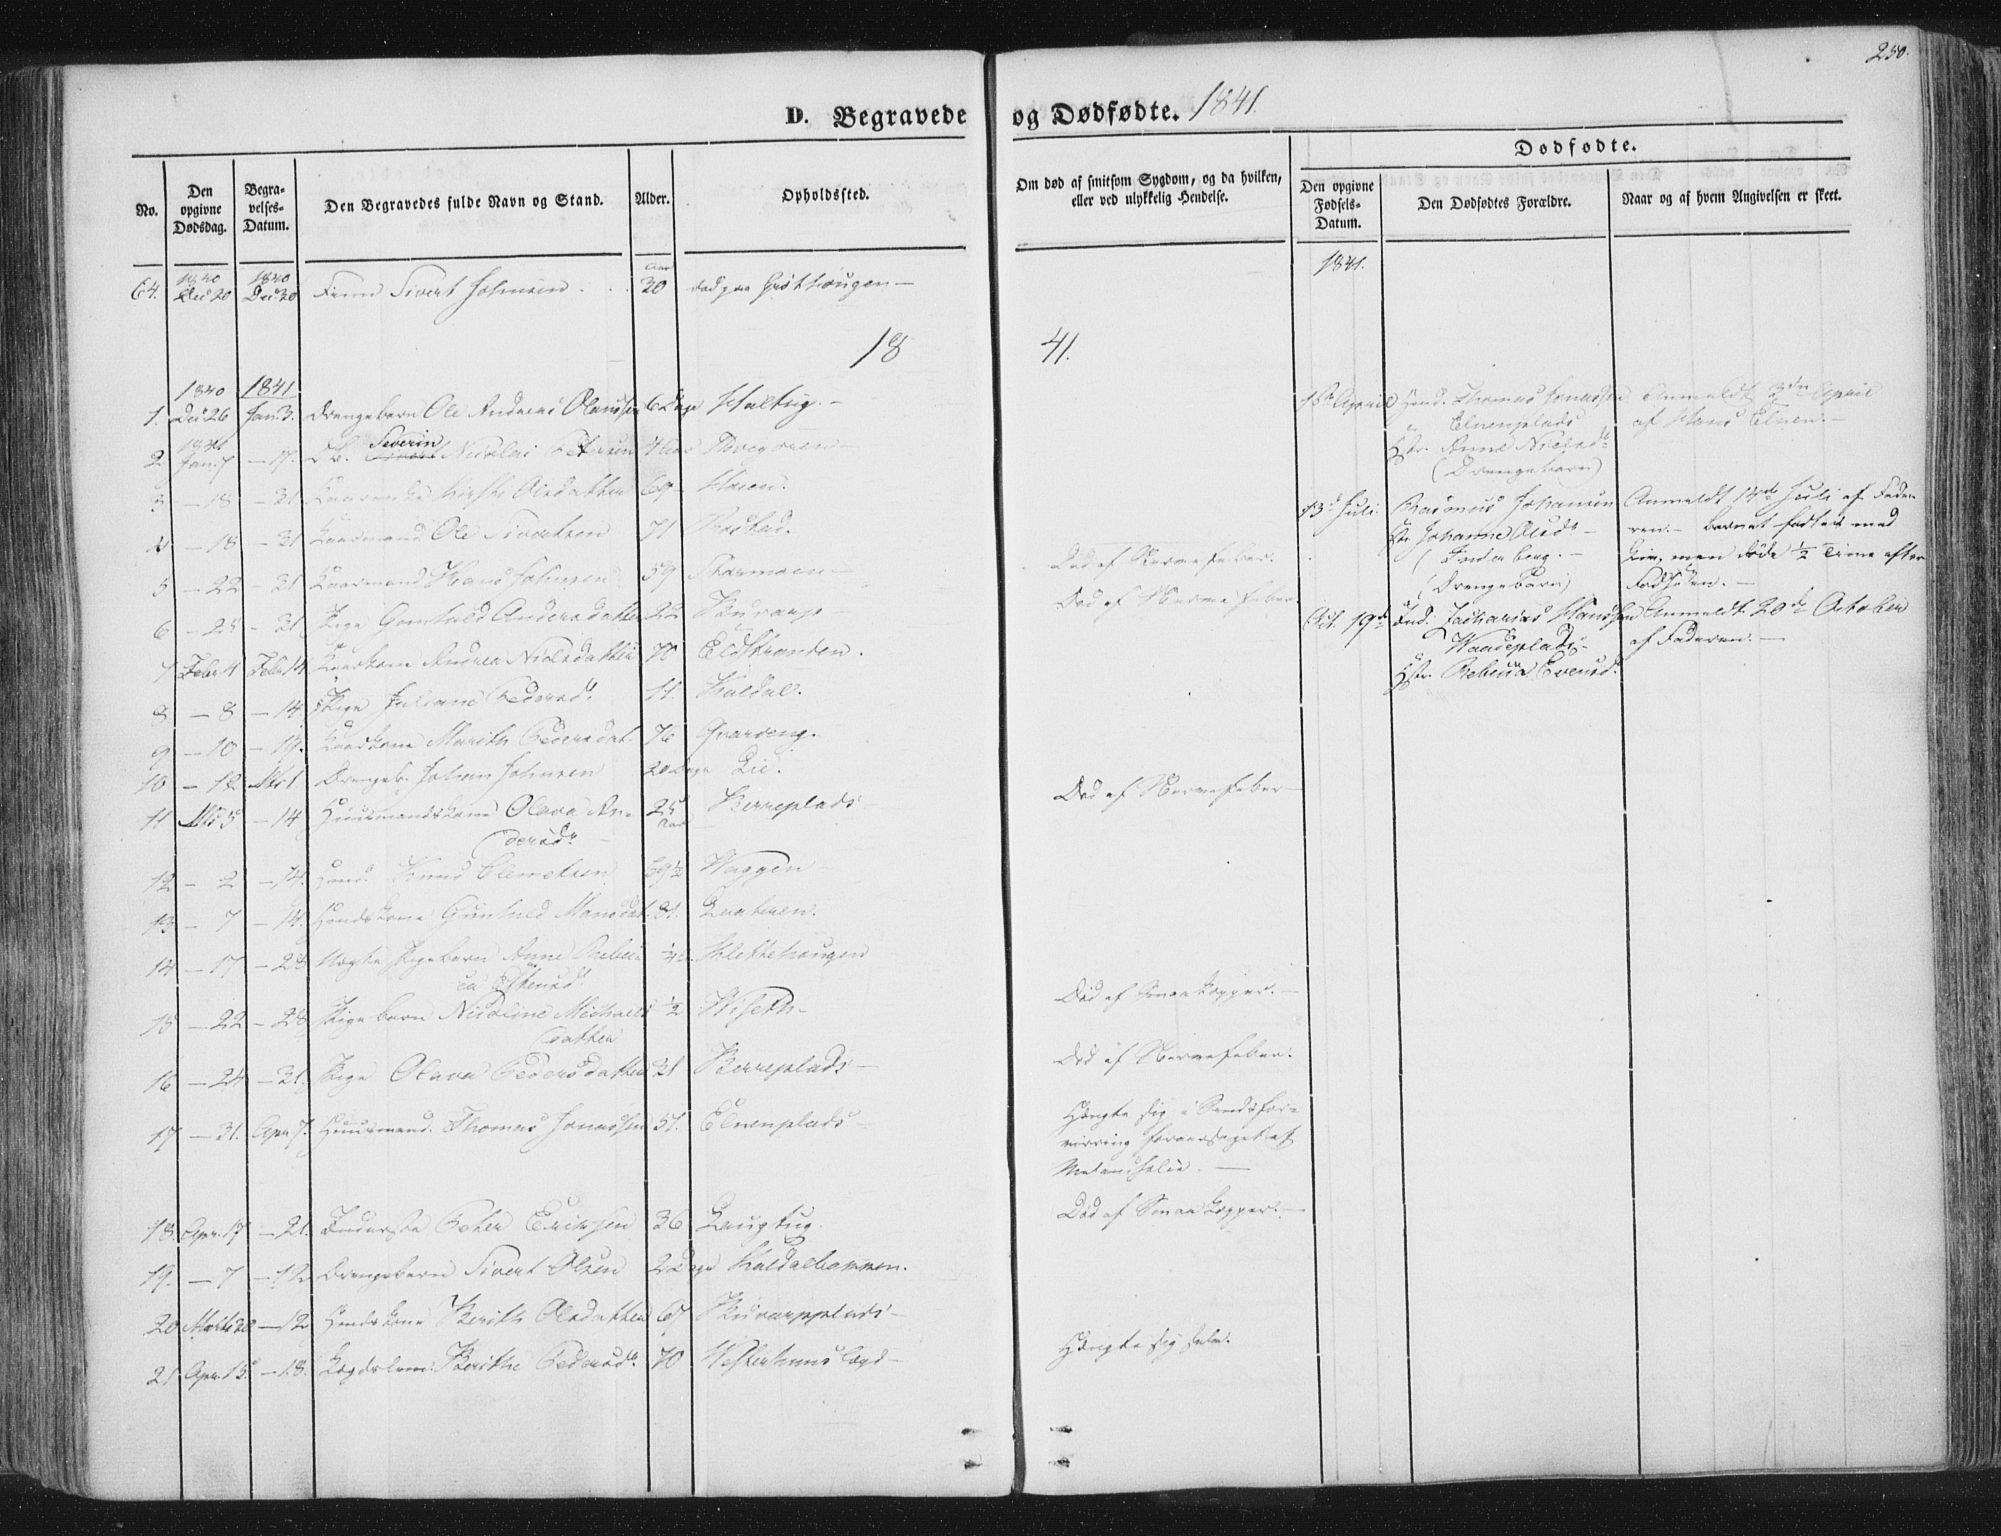 SAT, Ministerialprotokoller, klokkerbøker og fødselsregistre - Nord-Trøndelag, 741/L0392: Ministerialbok nr. 741A06, 1836-1848, s. 250